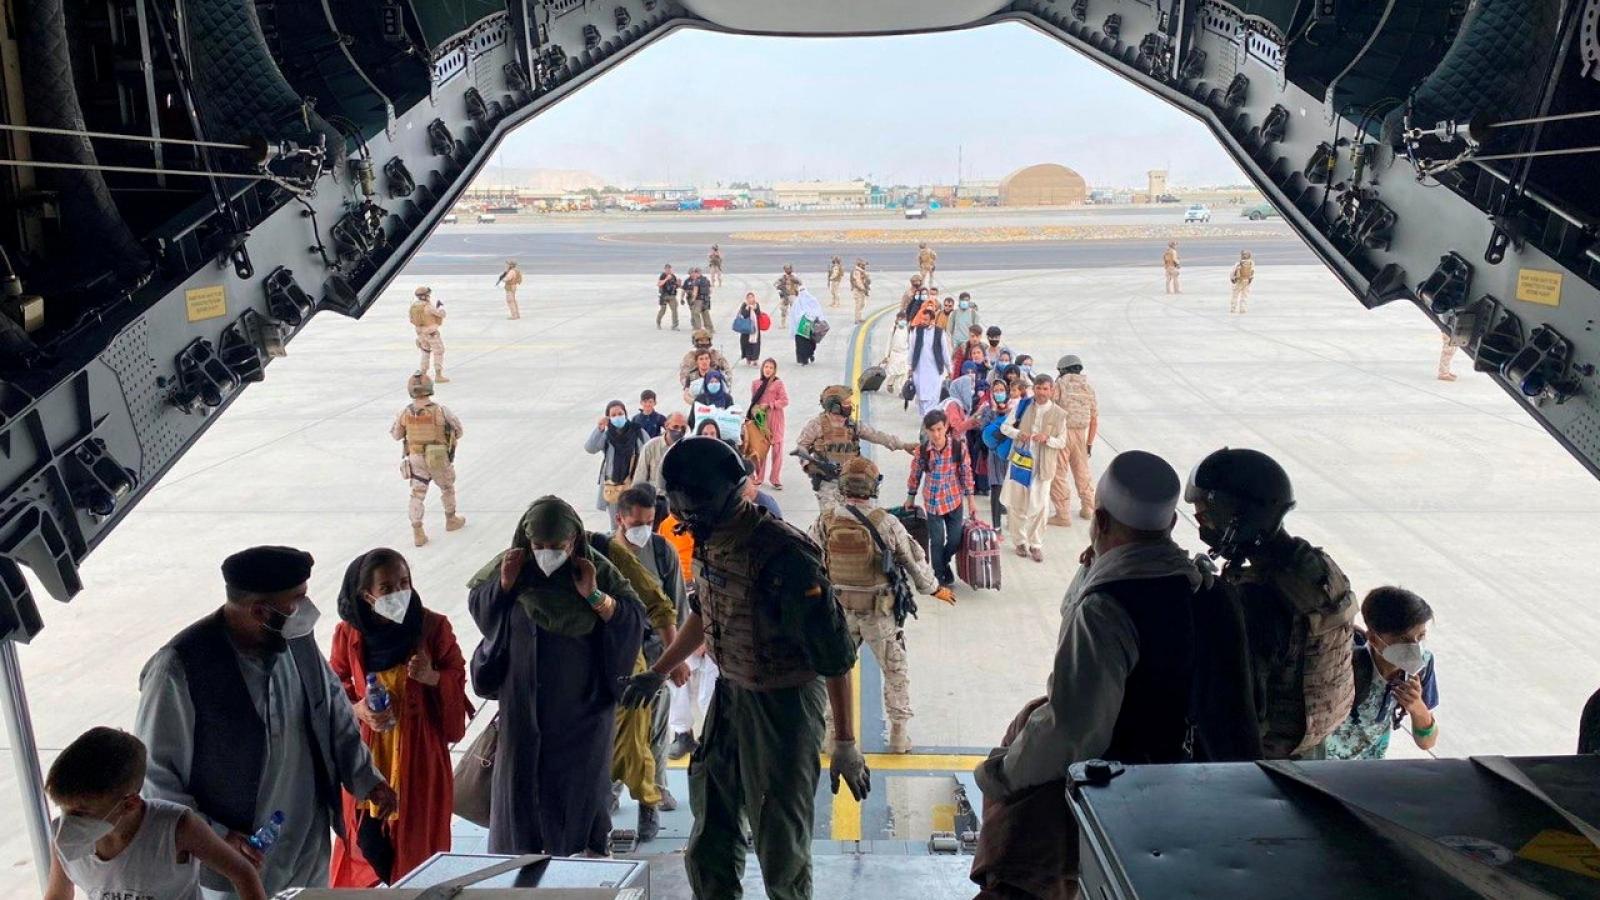 Mỹ cam kết bồi thường cho các nạn nhân trong vụ không kích nhầm ở Kabul